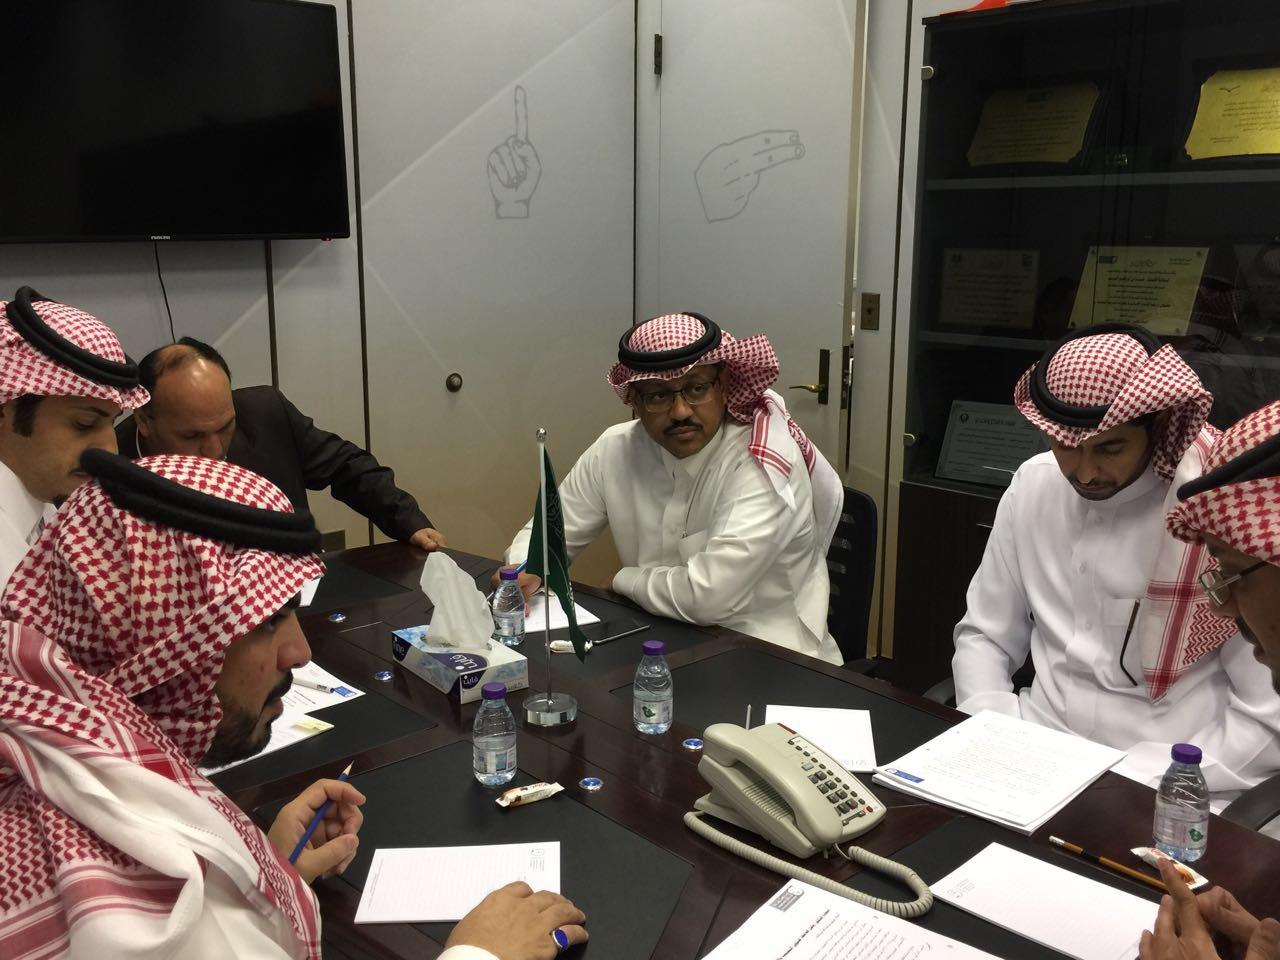 عقد الاجتماع الأول للجنة التنفيذية لبرنامج التعليم العالي للطلاب الصم وضعاف السمع